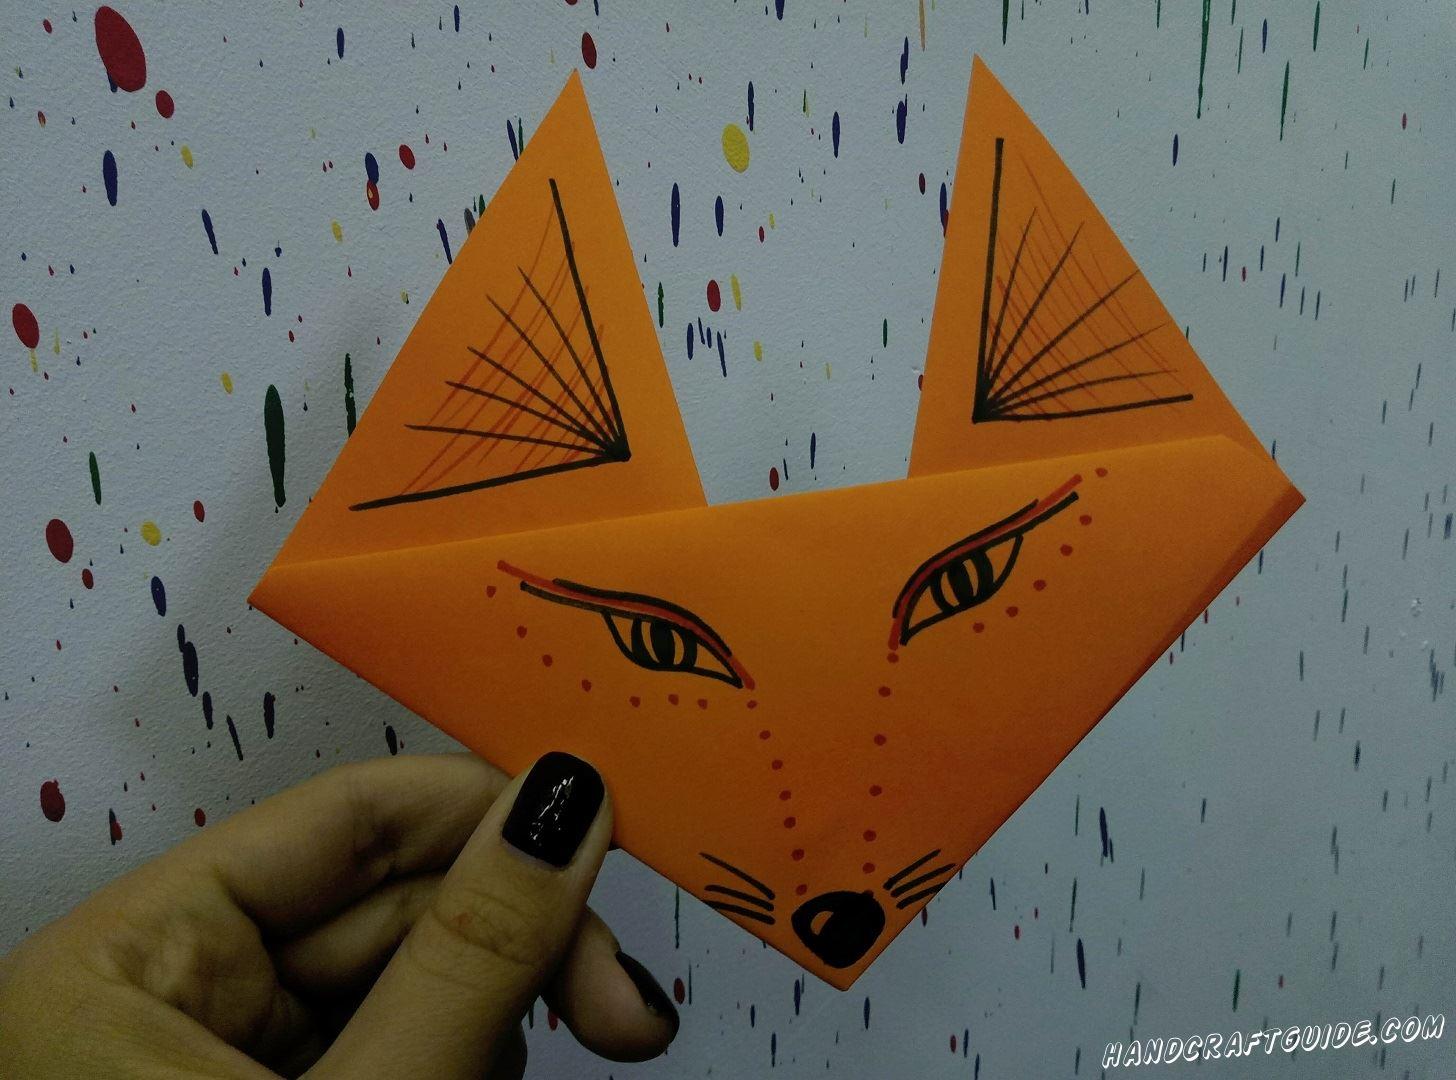 Изучаем технику оригами вместе. Сейчас мы сделаем лисенка из цветной бумаги, одними только сгибами.